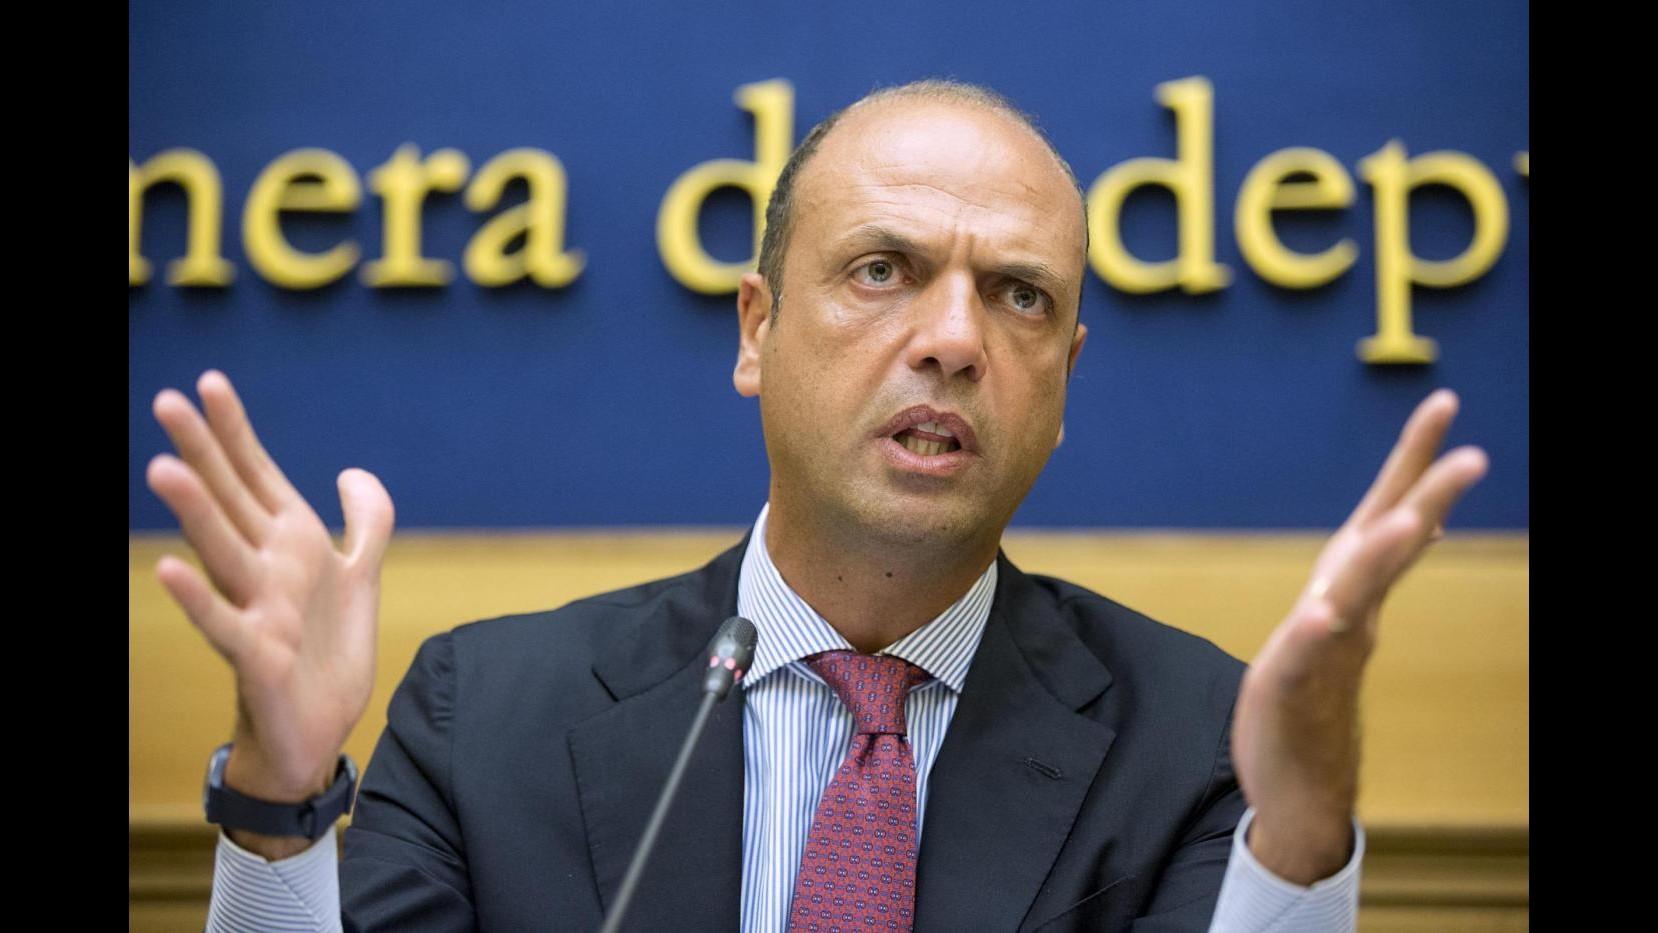 Giubileo, Alfano: Pronti per sfida, raccordo polizia-intelligence funziona